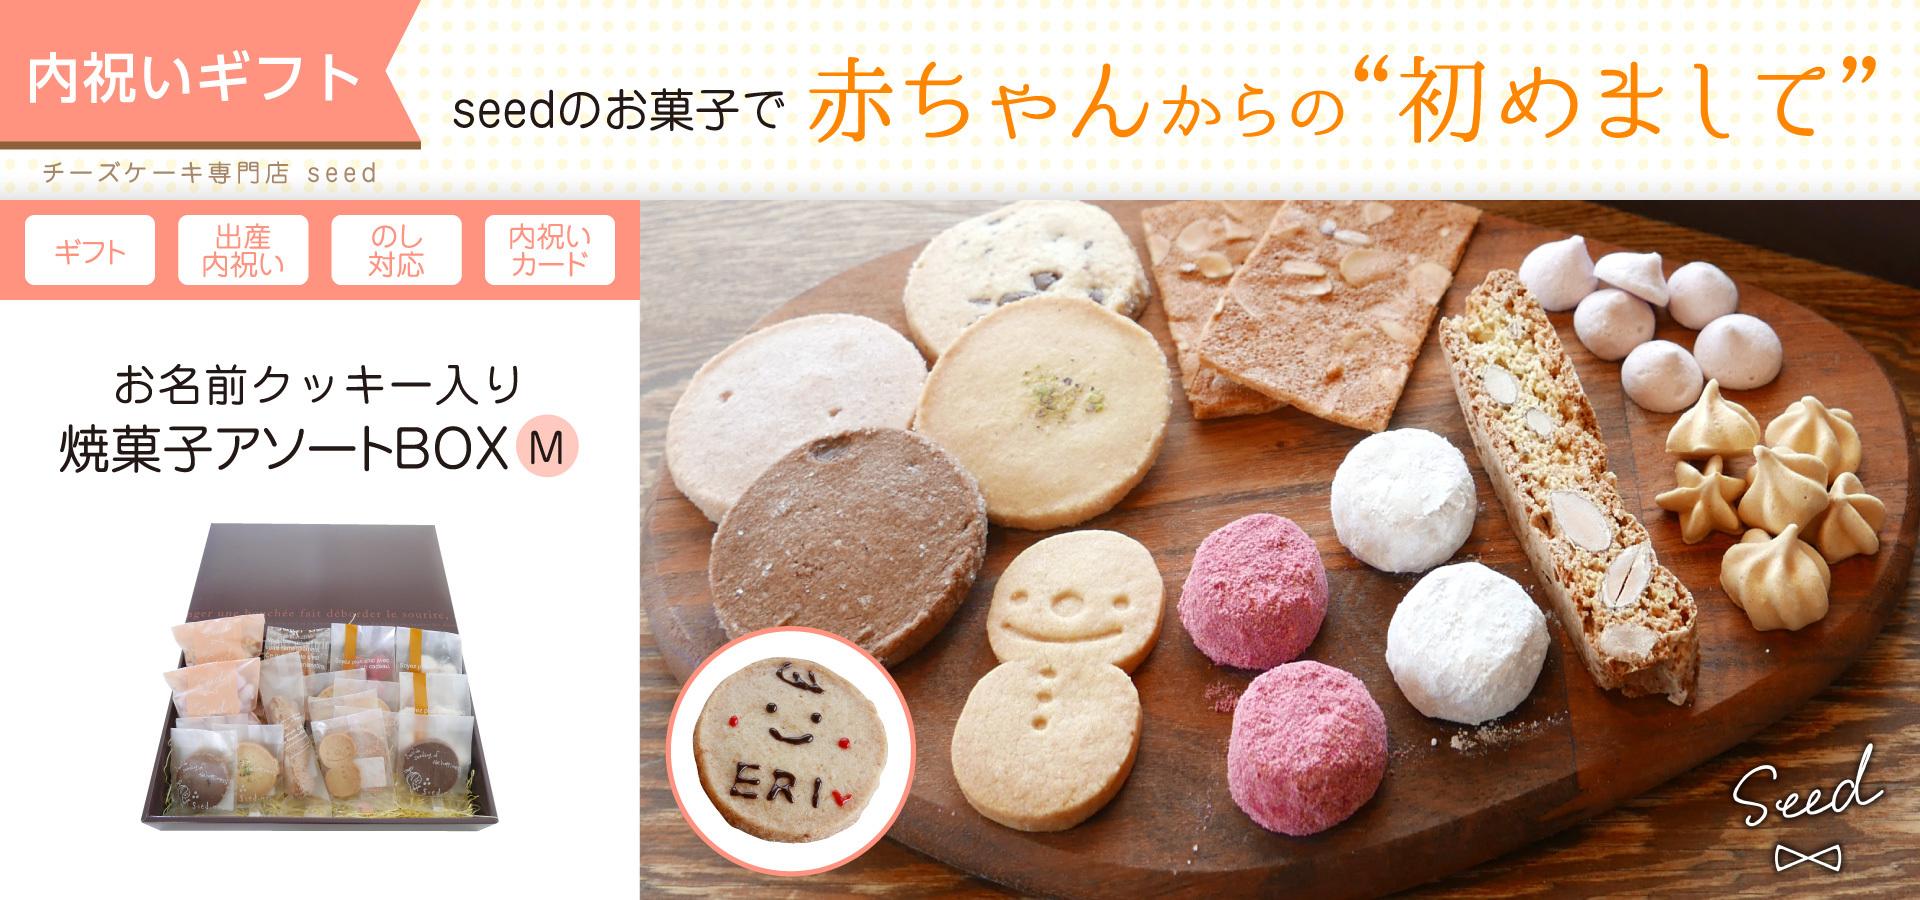 【内祝い】お名前クッキー入り 焼菓子アソートBOX(M)